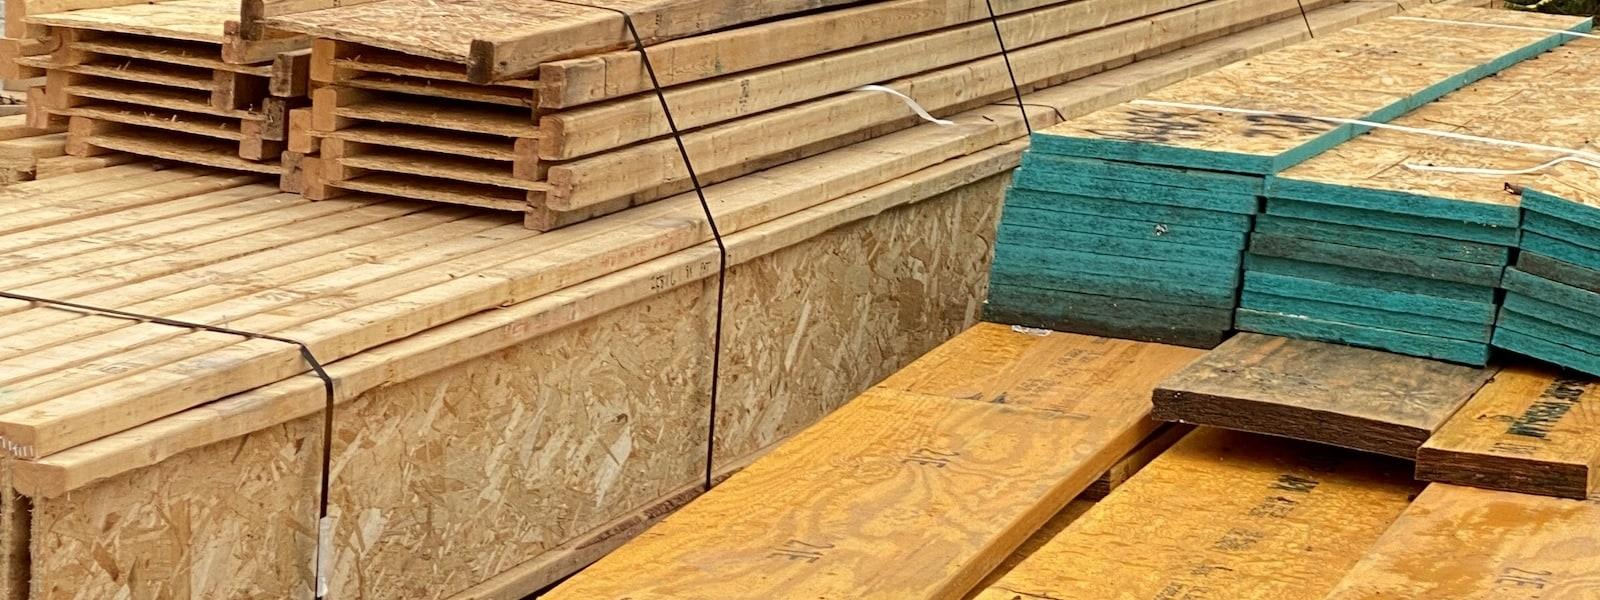 Lumber prices have risen.